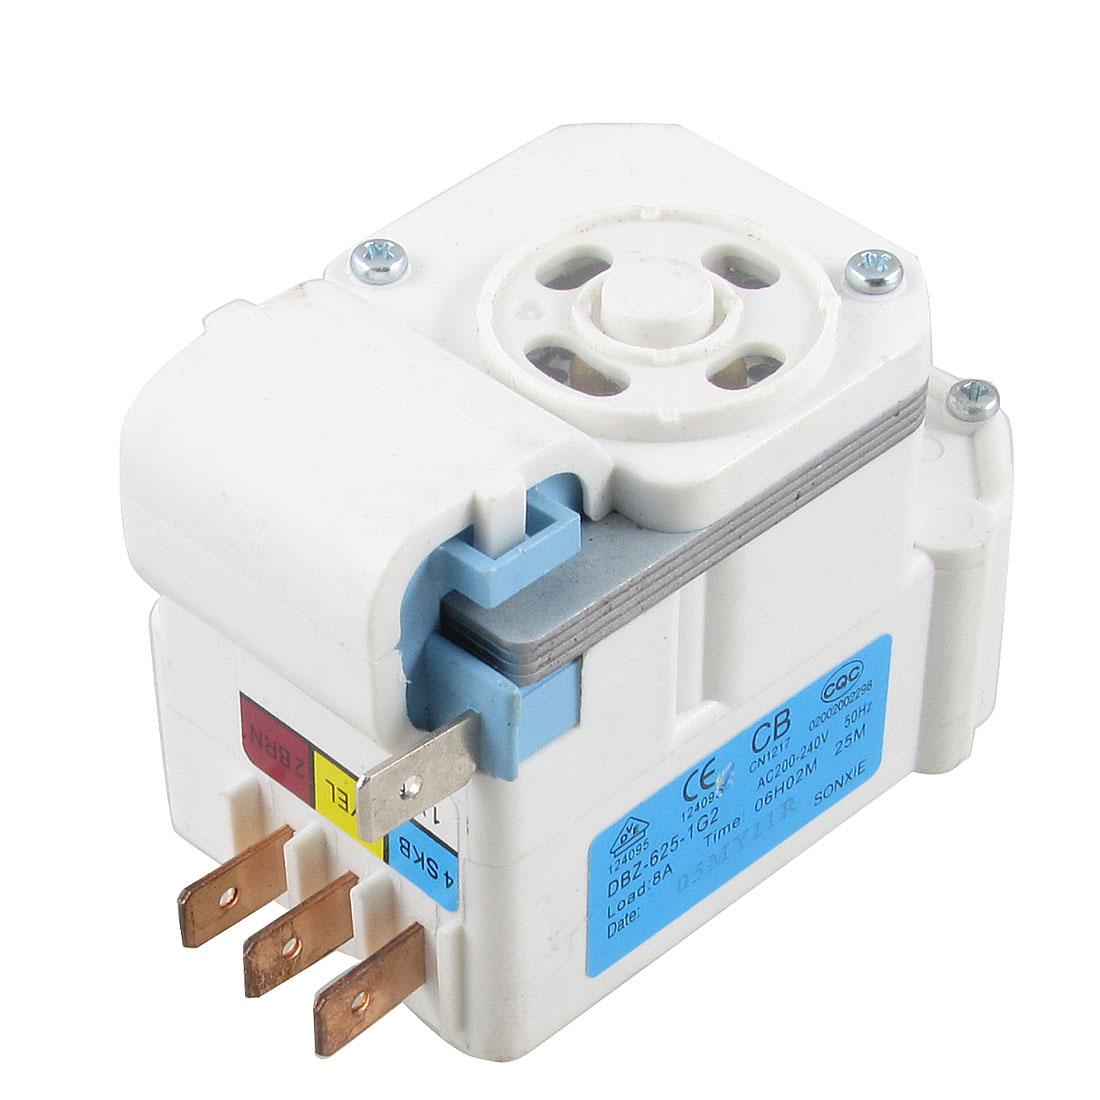 AC 200V-240V 8A 50Hz Fridge Refrigerator Timer Time Controller